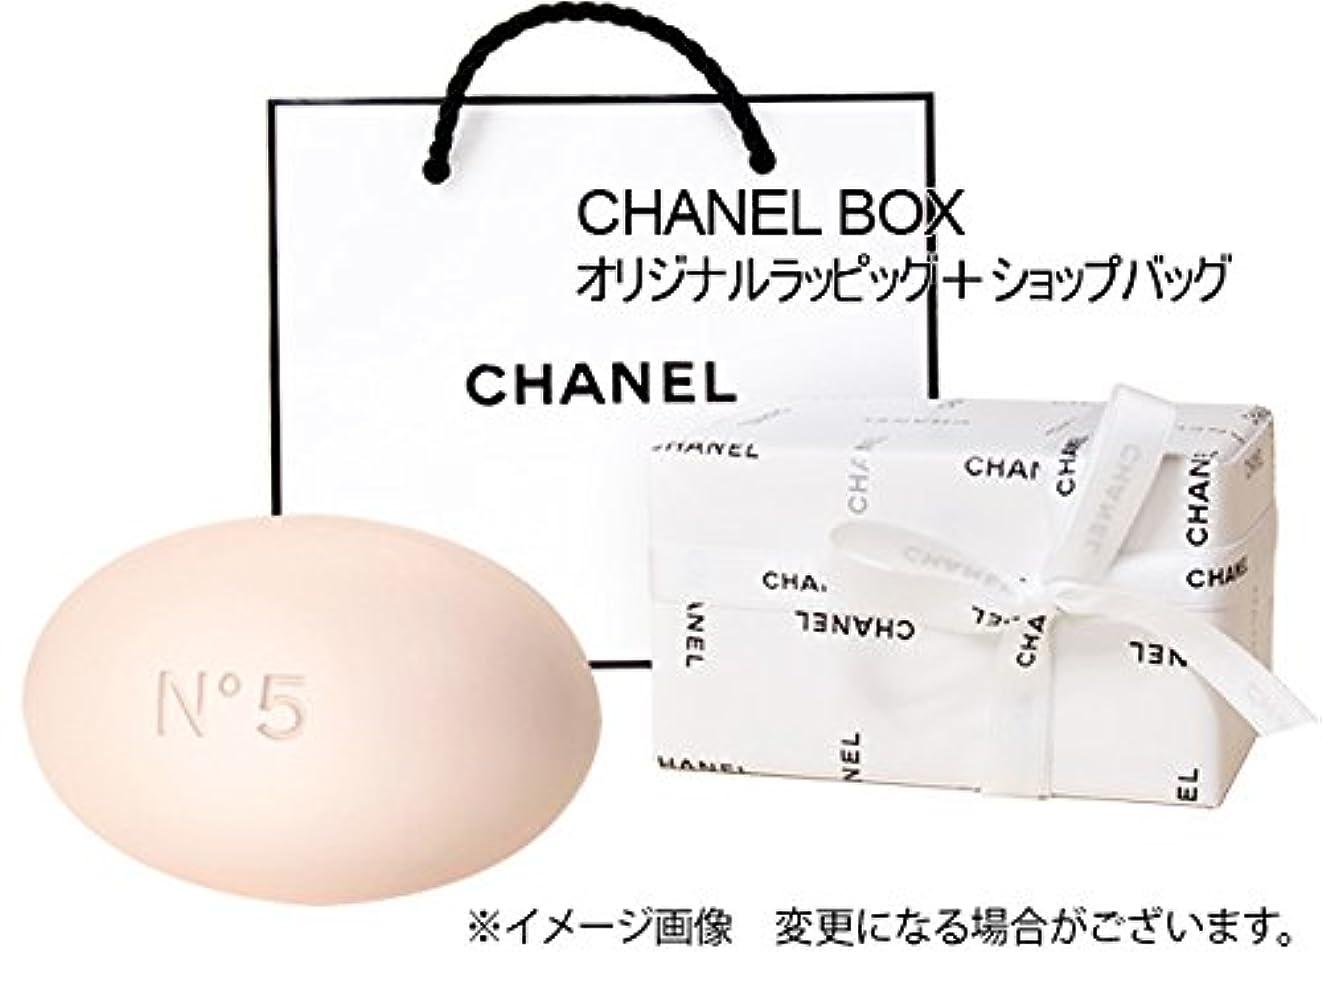 進む主流ゴルフシャネル(CHANEL) N°5 サヴォン 150g CHANEL BOX オリジナルラッピング+ショップバッグ[並行輸入品]